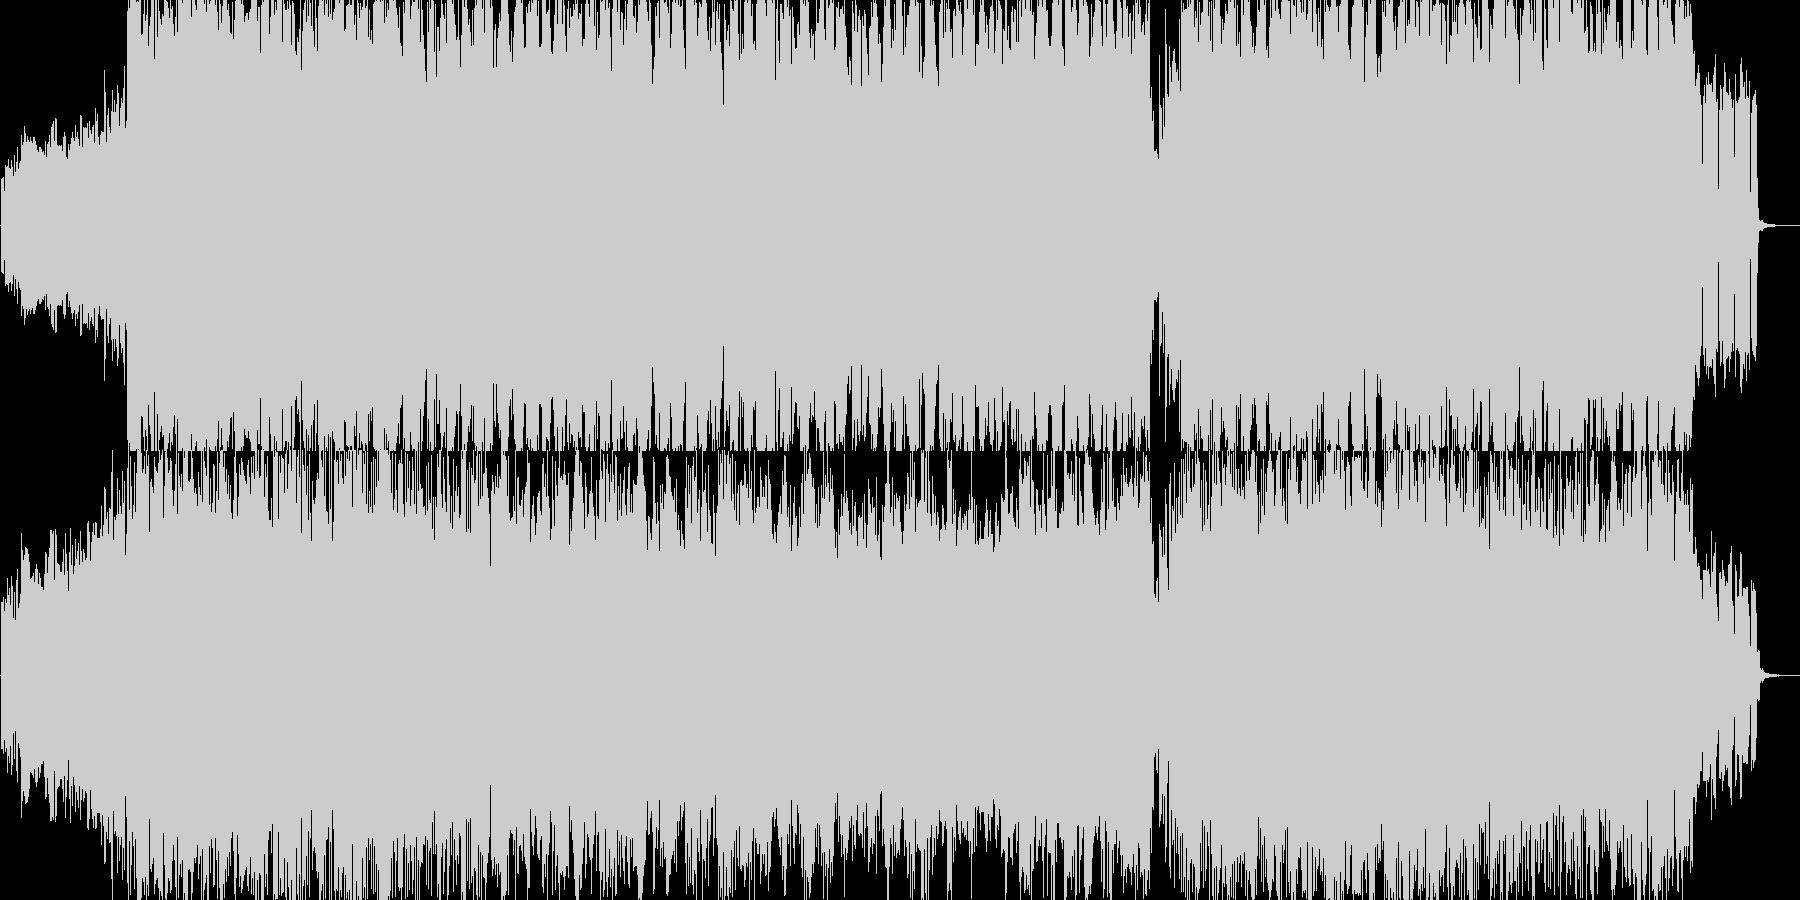 戦闘シーン用の疾走感あるBGMの未再生の波形